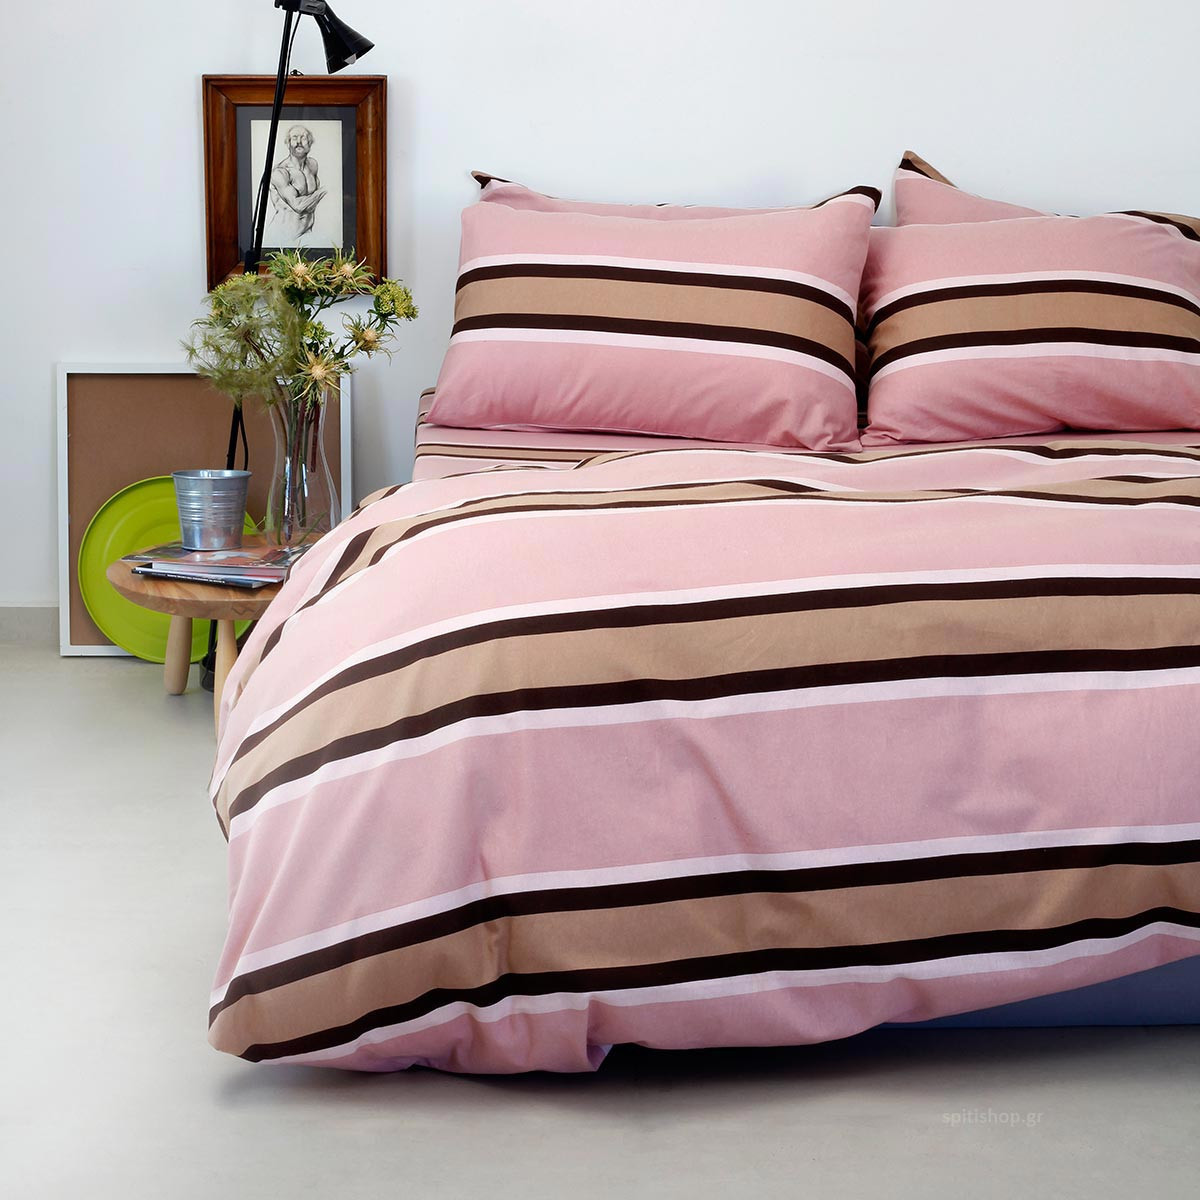 Φανελένια Σεντόνια Μονά (Σετ) Melinen Stripe Rose ΜΕ ΛΑΣΤΙΧΟ 105×200+30 ΜΕ ΛΑΣΤΙΧΟ 105×200+30